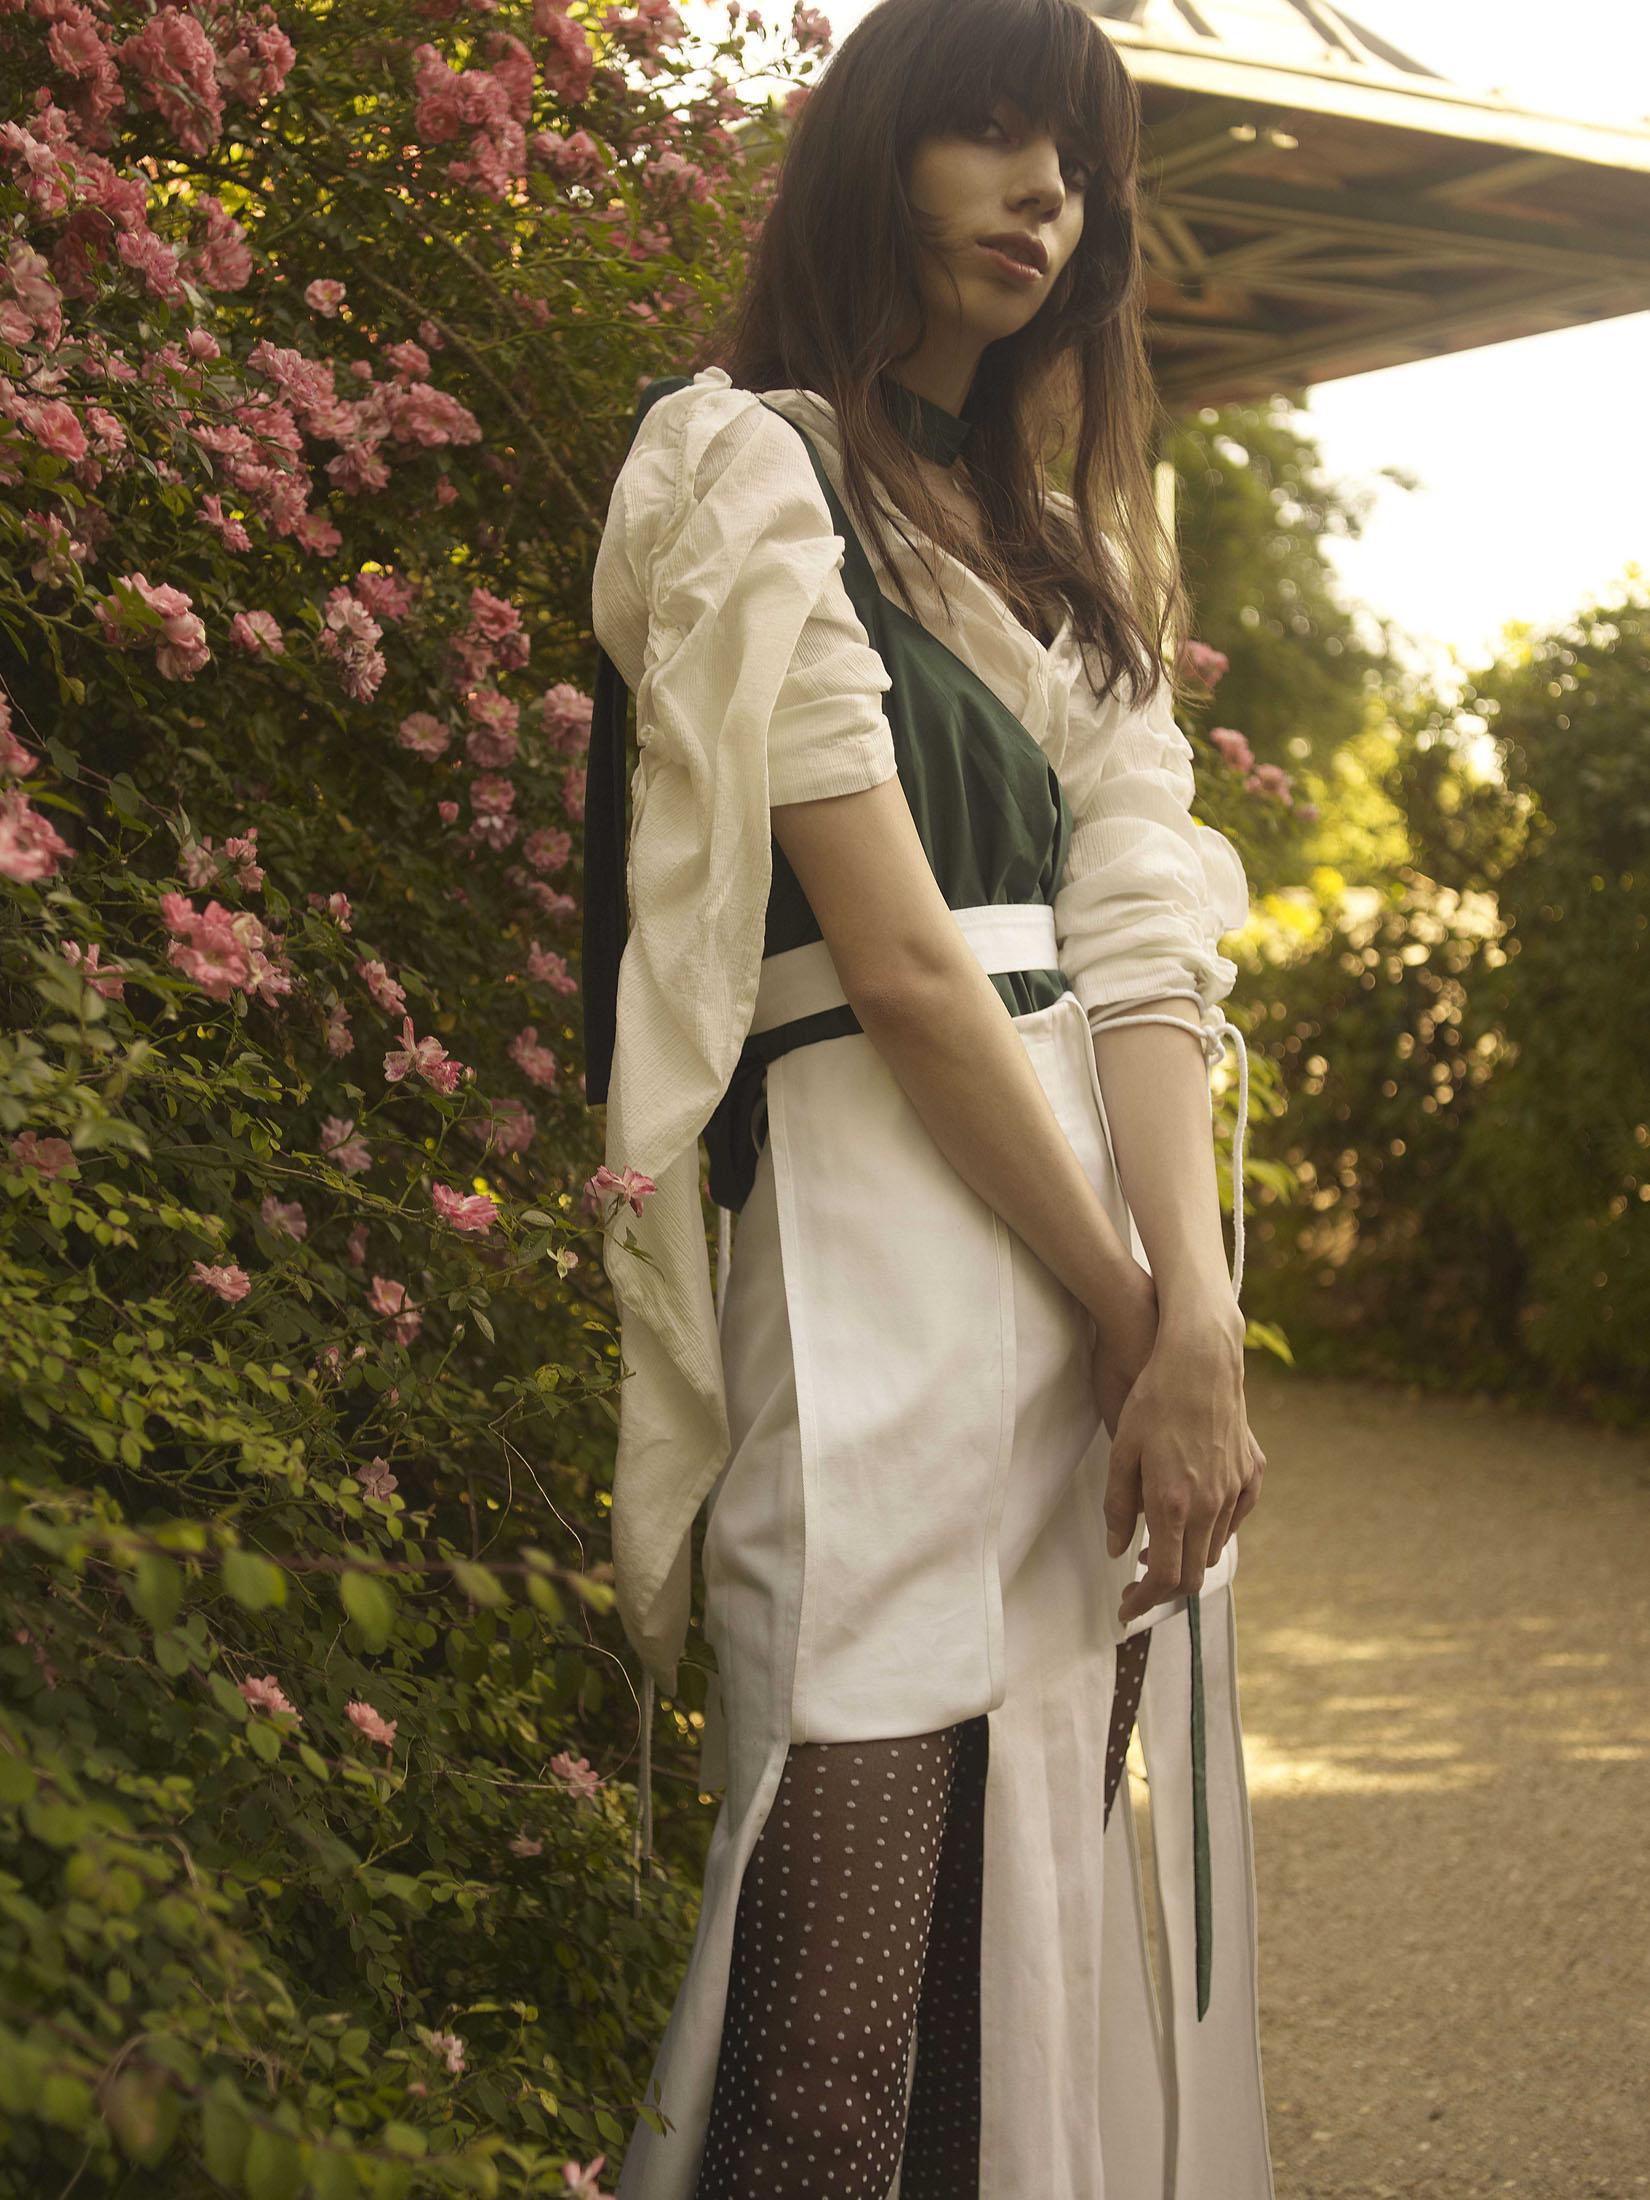 Top/chemisier, Coralie Marabelle. Top Coralie Marabelle, Skirt Coralie Marabelle, Stockings Calzedonia .